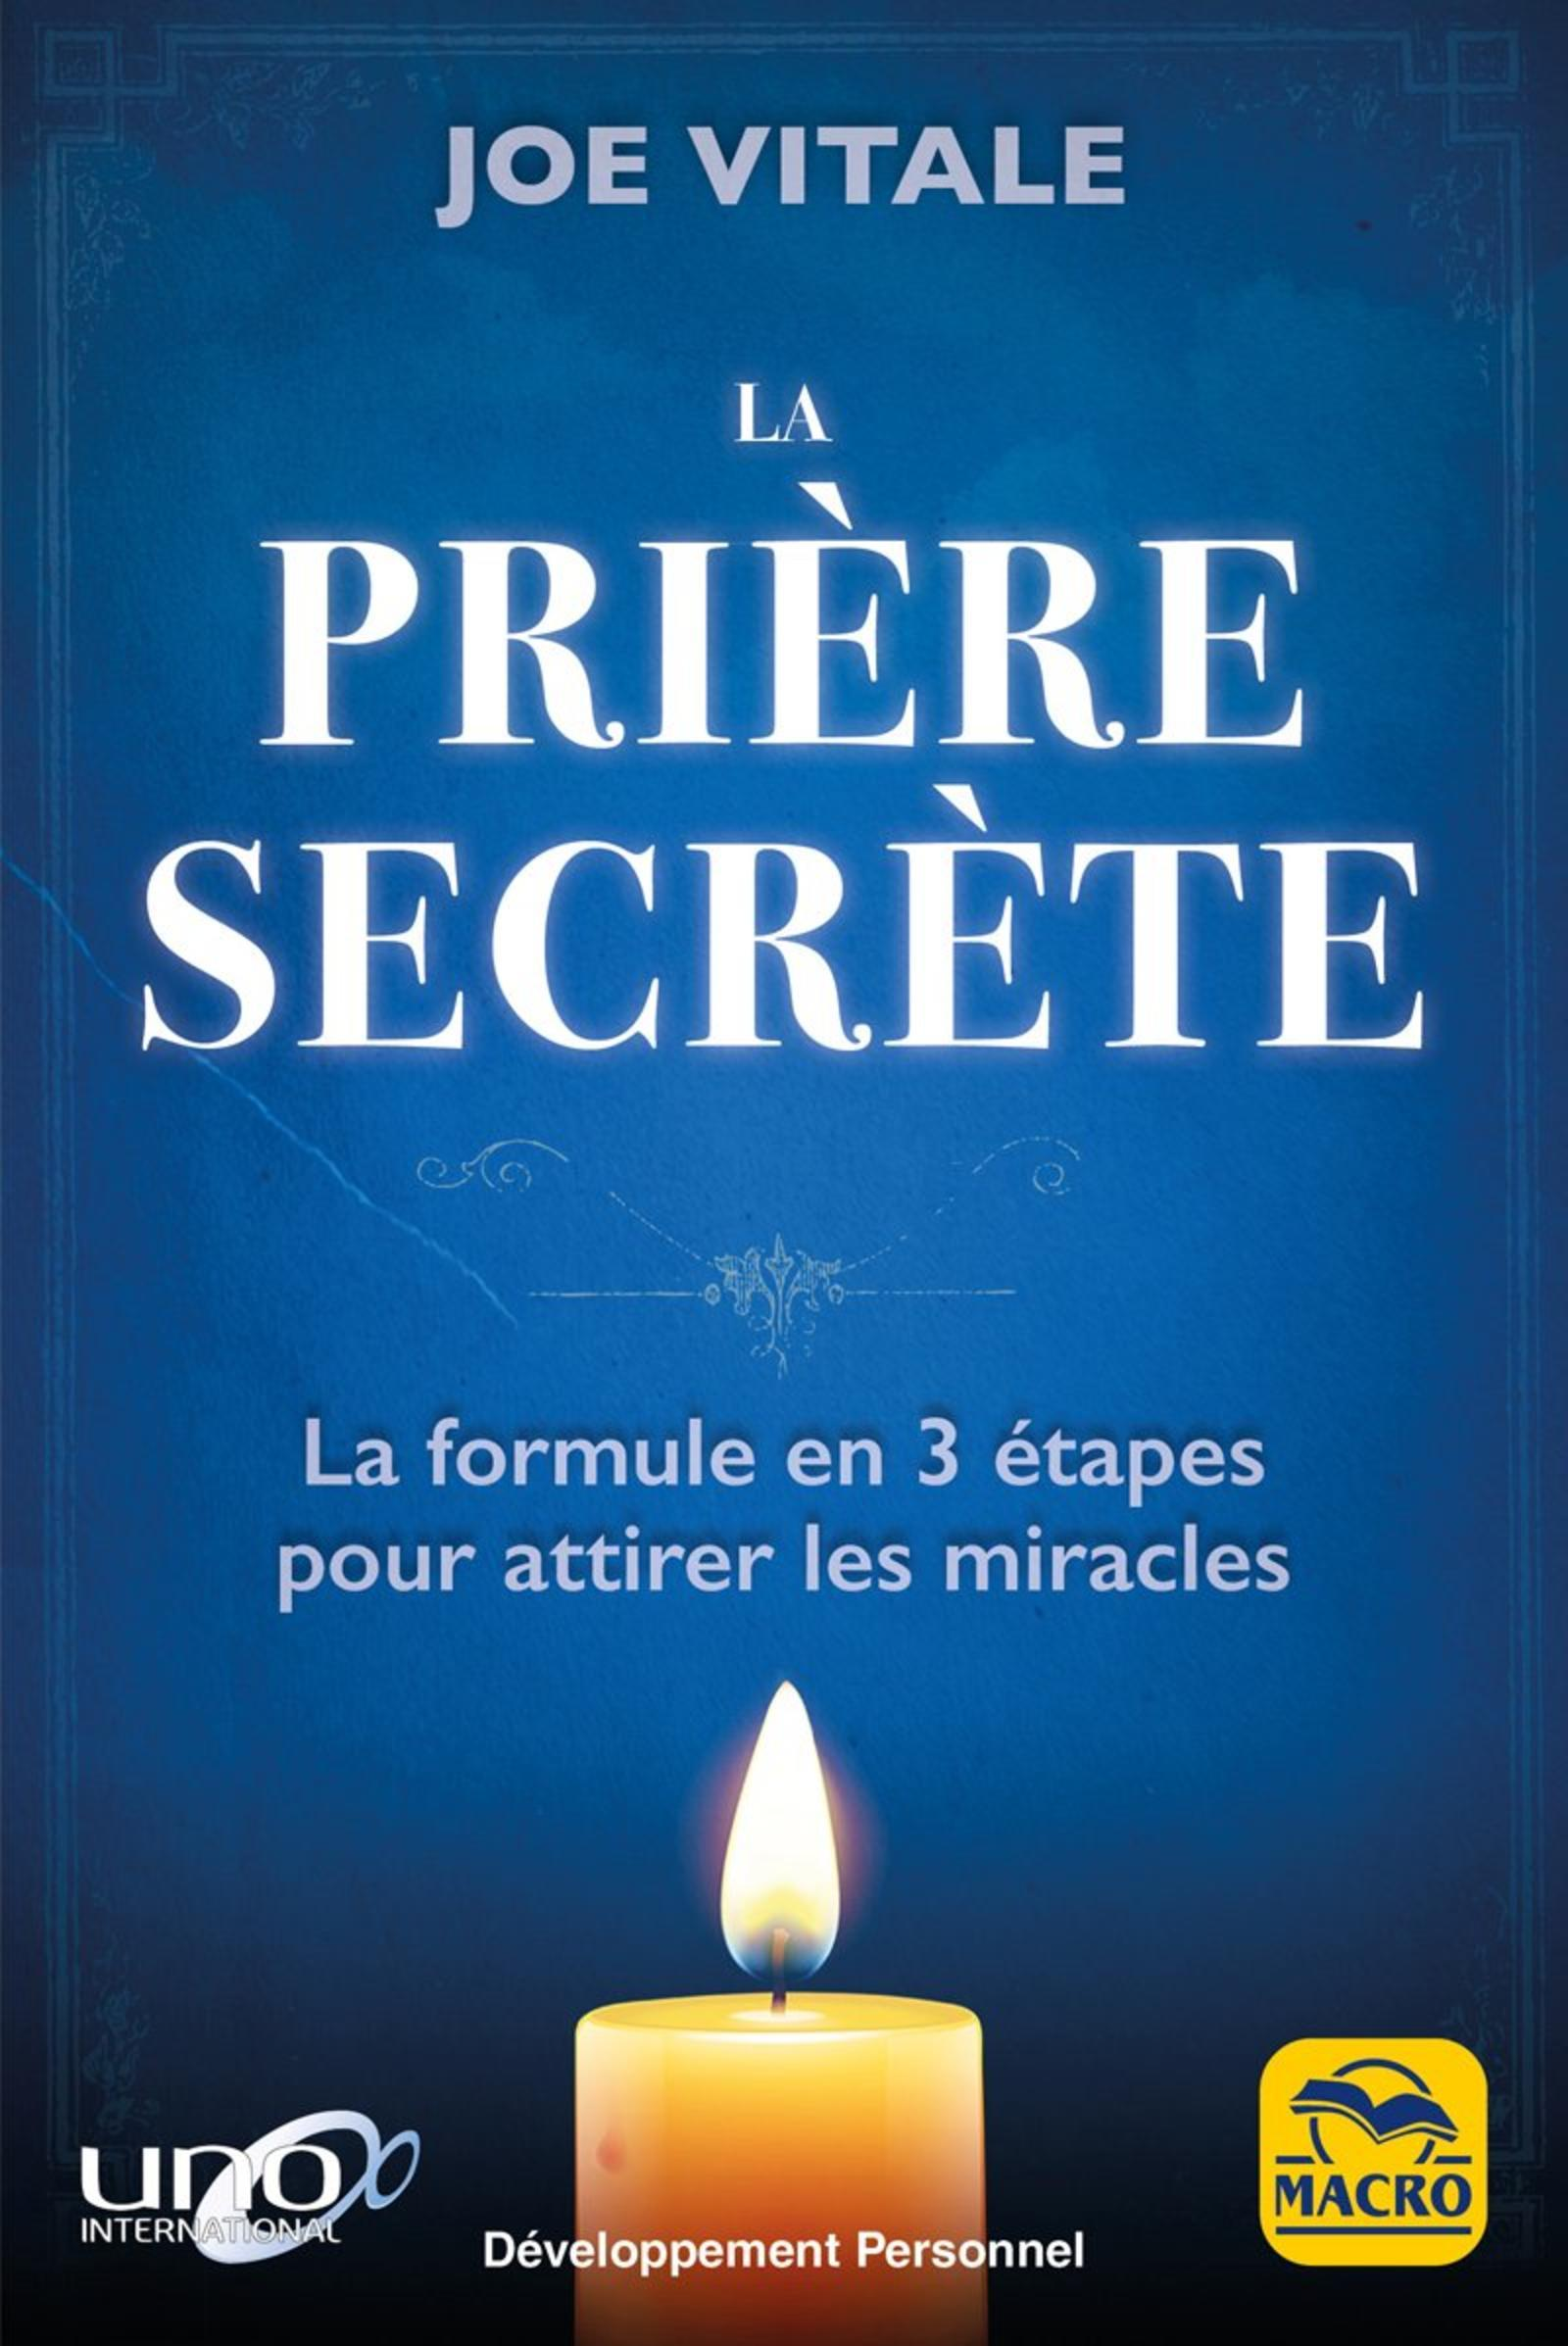 LA PRIERE SECRETE